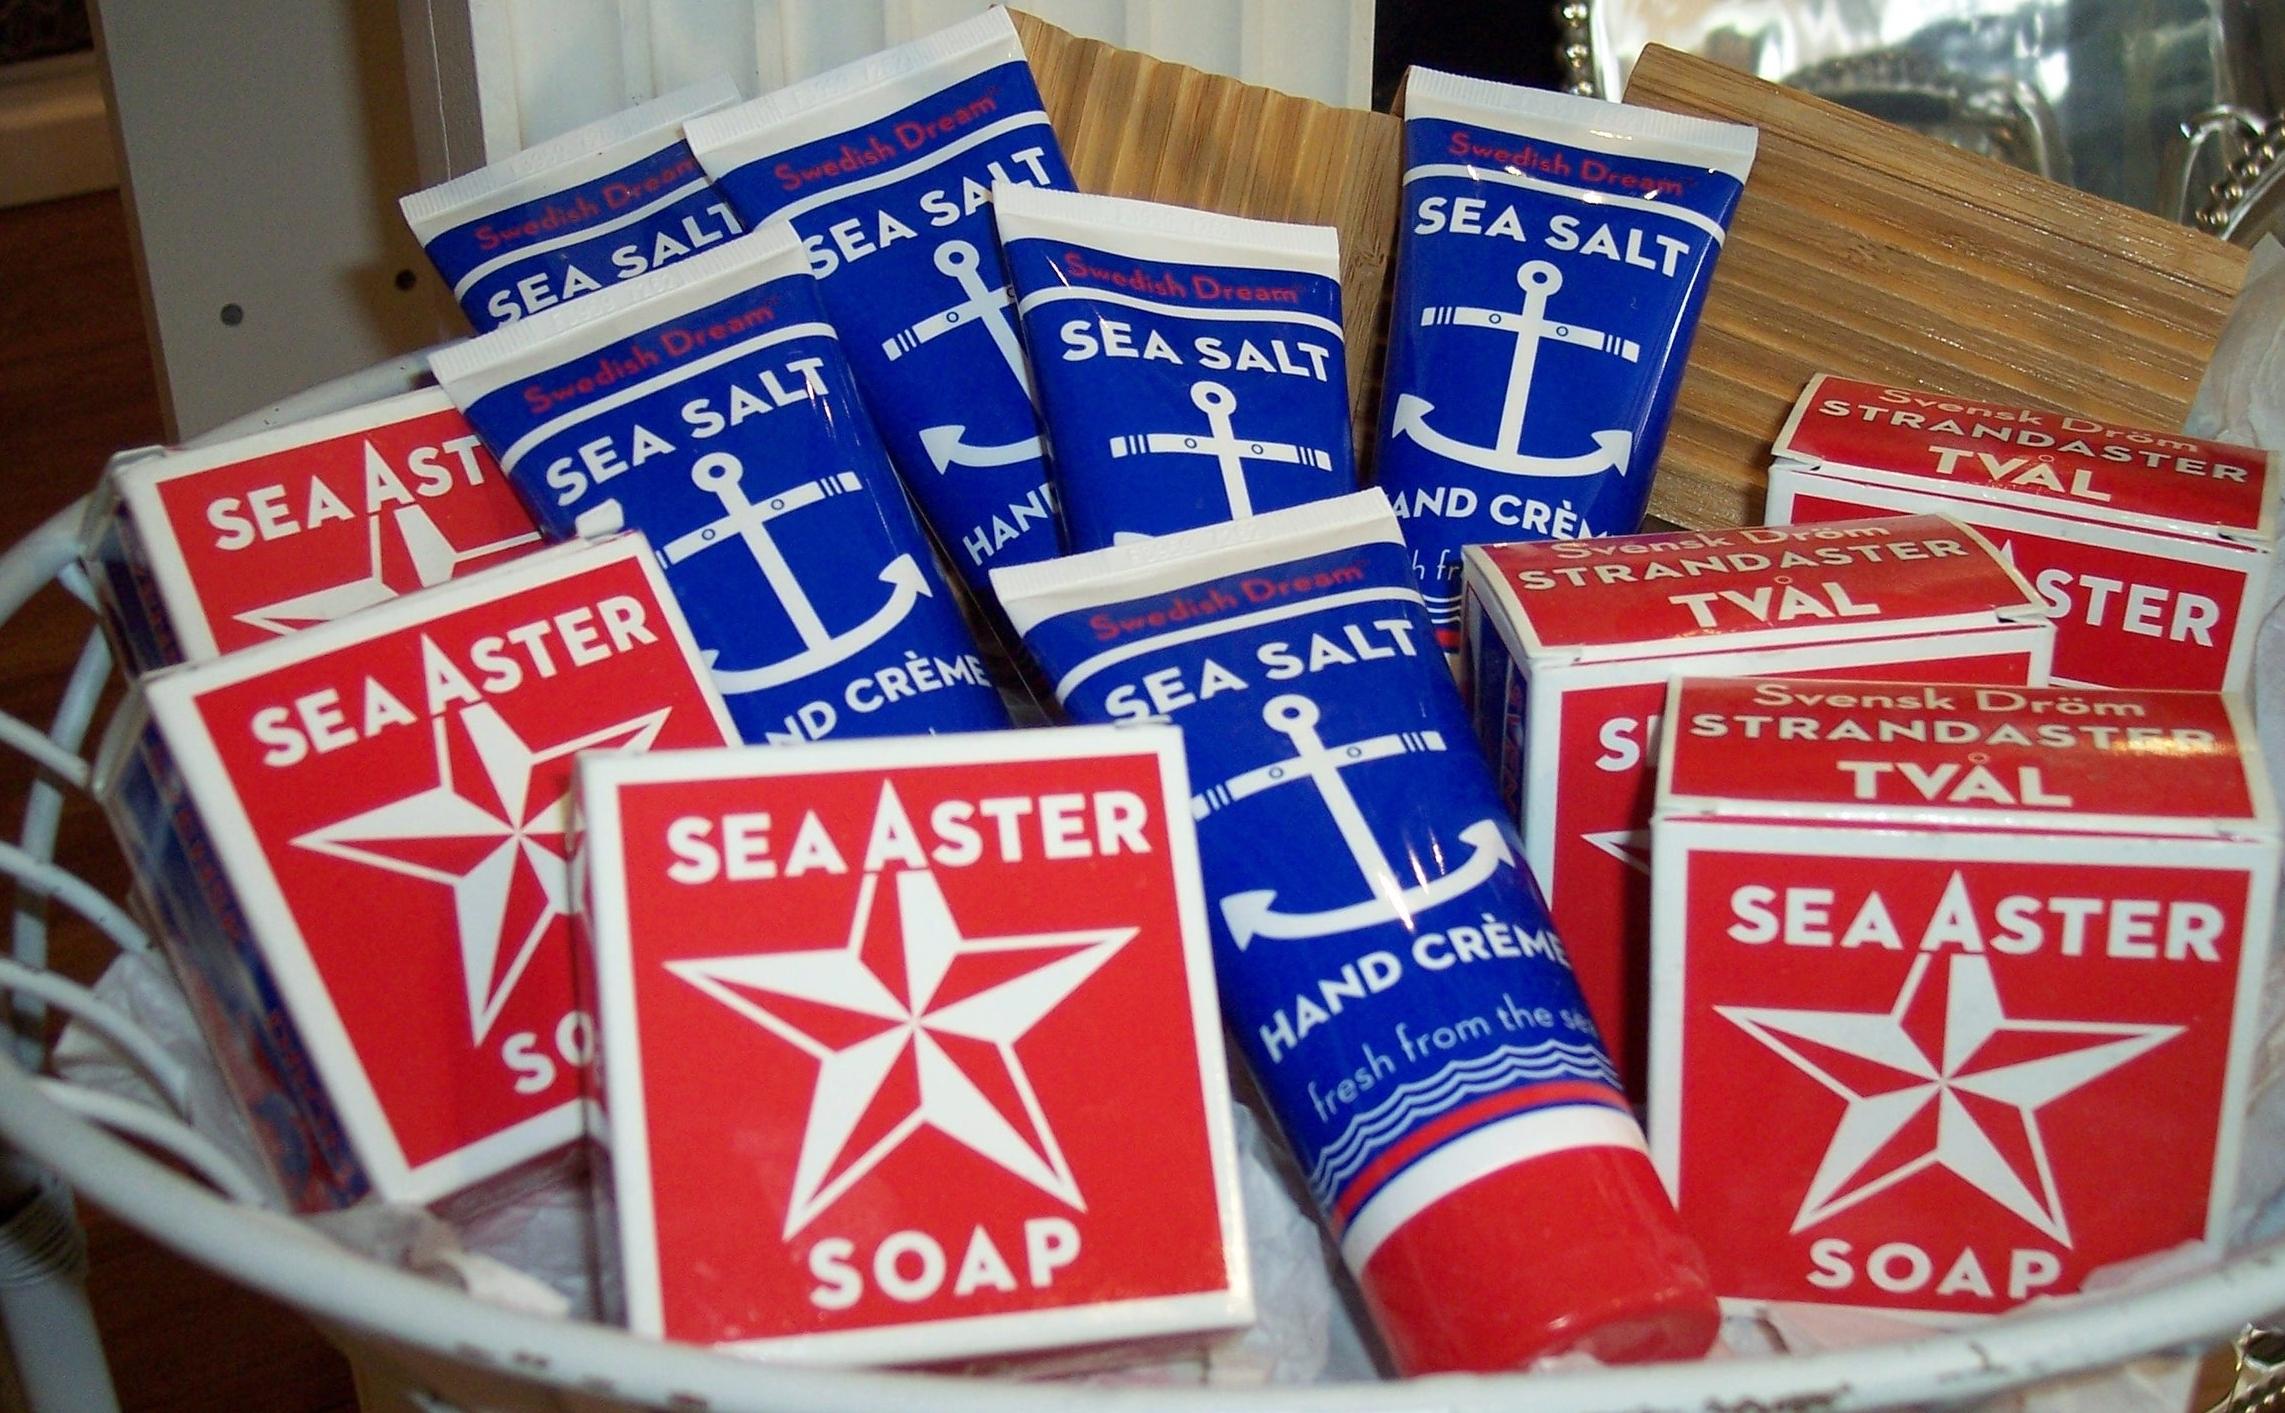 Swedish Dream Sea Salt Soaps & Lotions